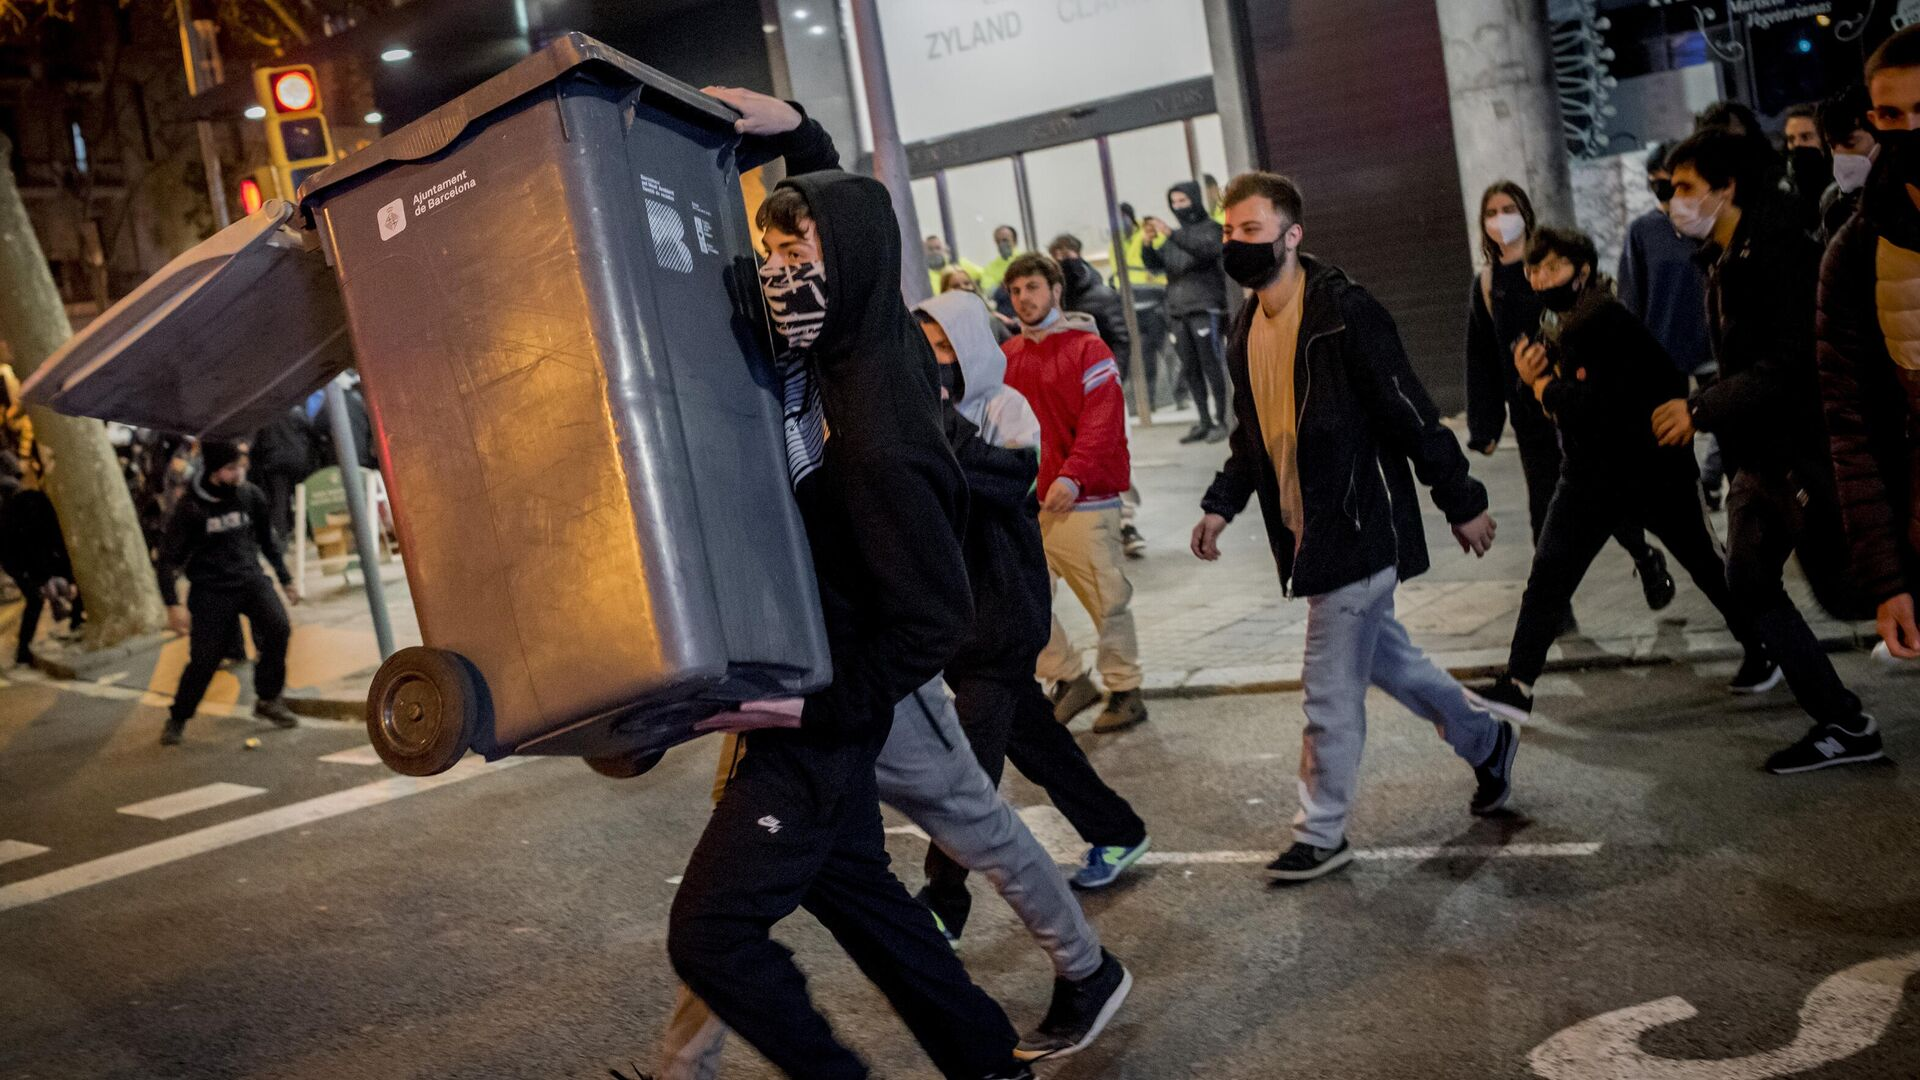 Участники акции протеста в поддержку рэпера Пабло Аселя, приговоренного к девяти месяцам заключения за оскорбление монархии и прославление леворадикального терроризма, на одной из улиц в Барселоне - РИА Новости, 1920, 19.02.2021